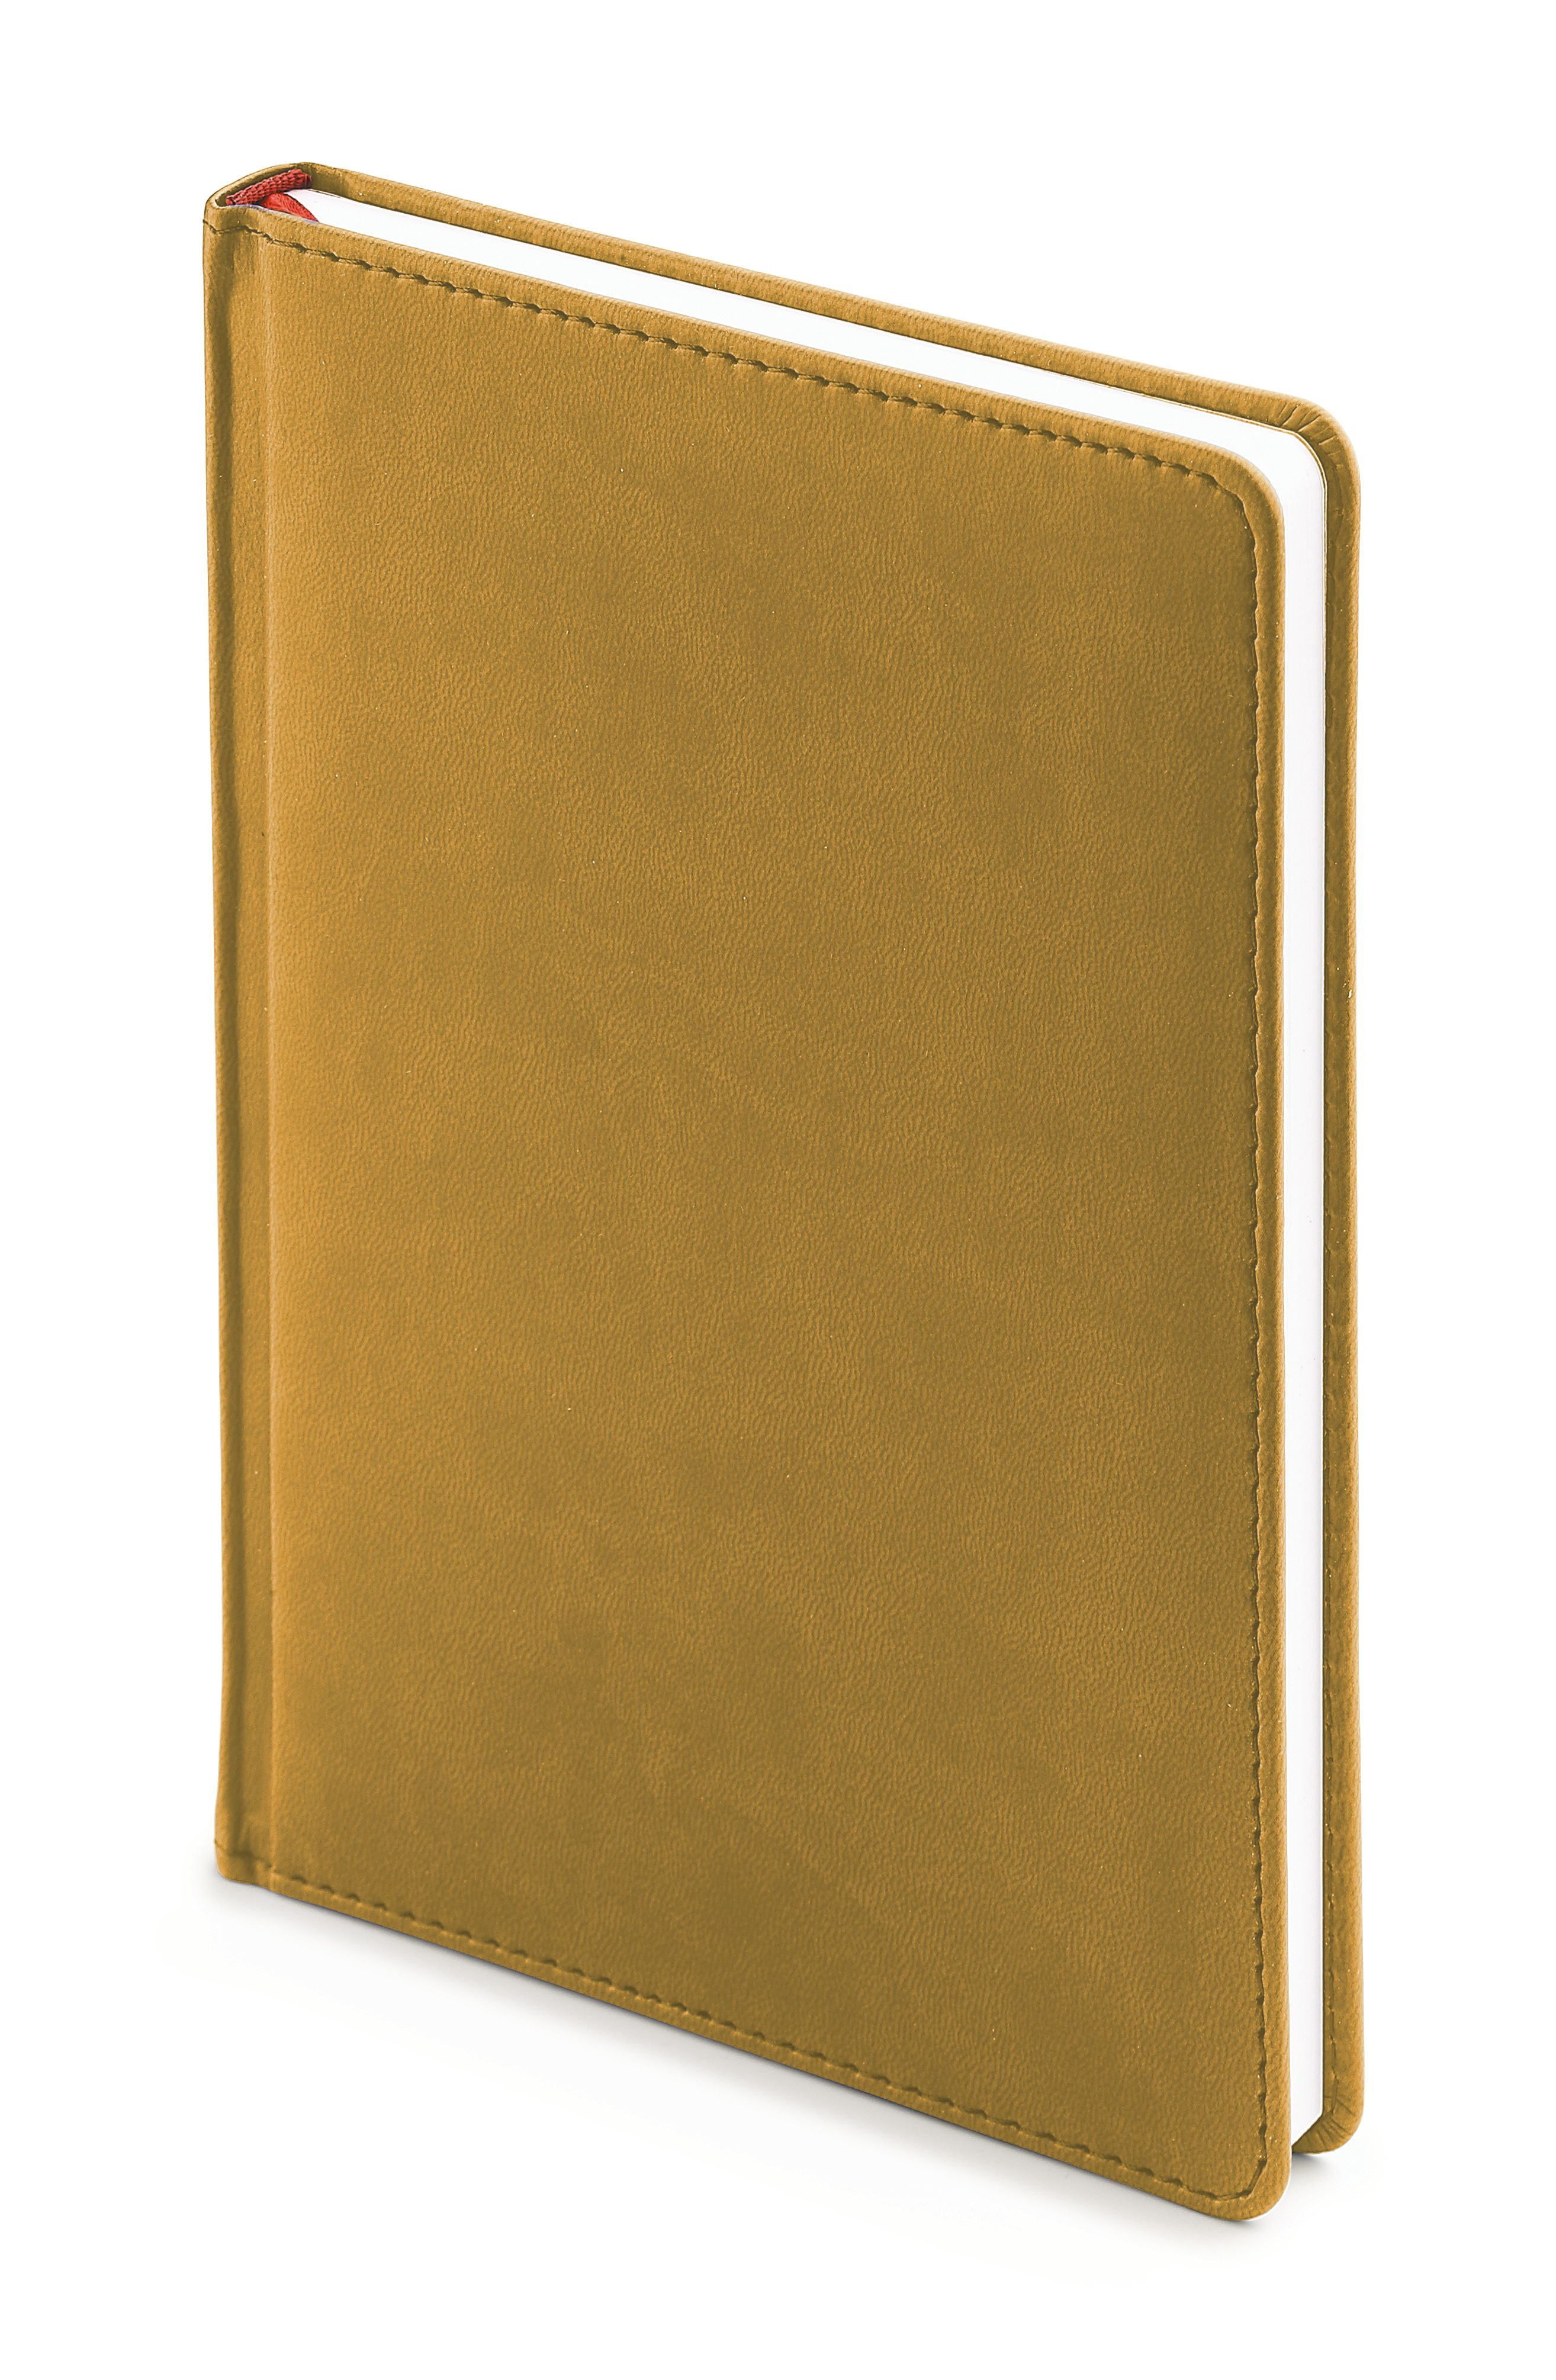 Ежедневник недатированный Velvet, А5, горчичный, белый блок, без обреза